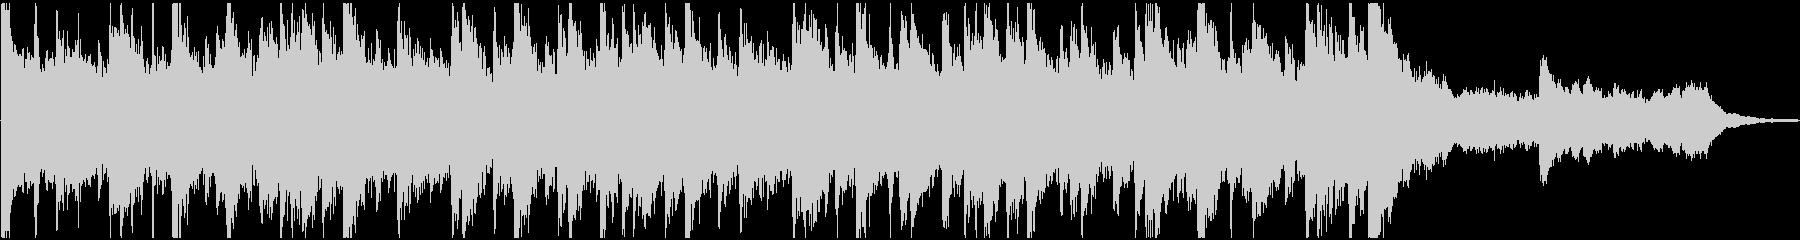 シタールなどインド楽器のサウンドロゴの未再生の波形